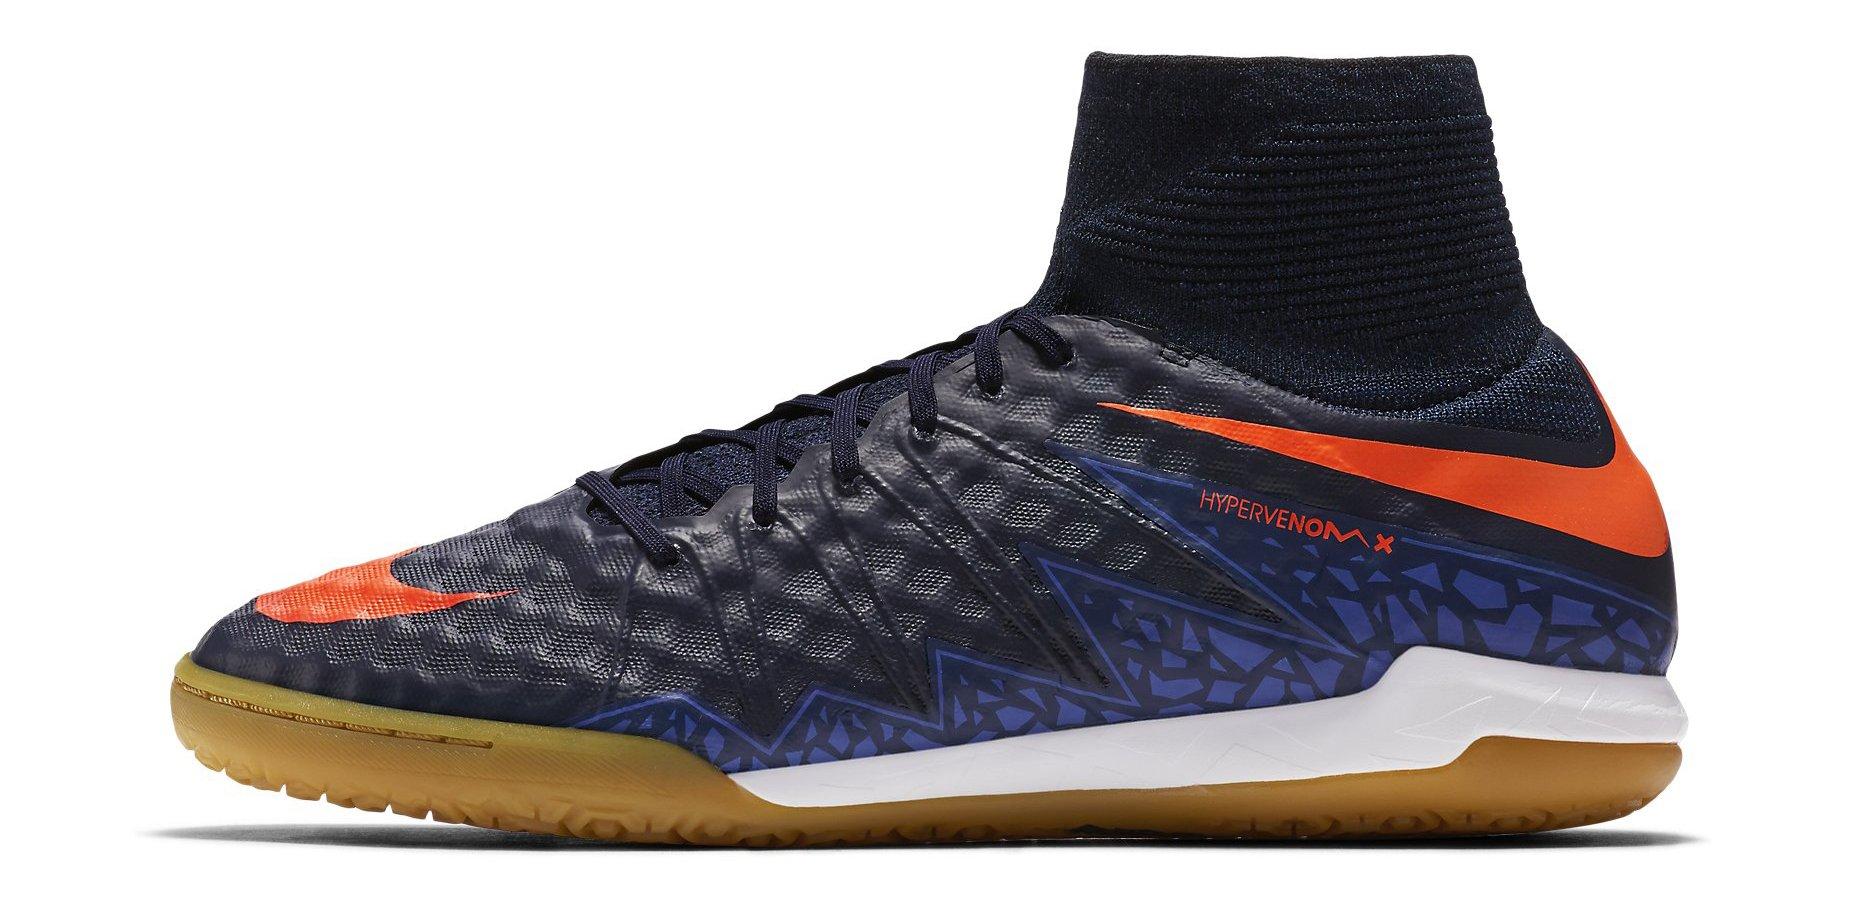 Sálovky Nike HypervenomX Proximo II IC